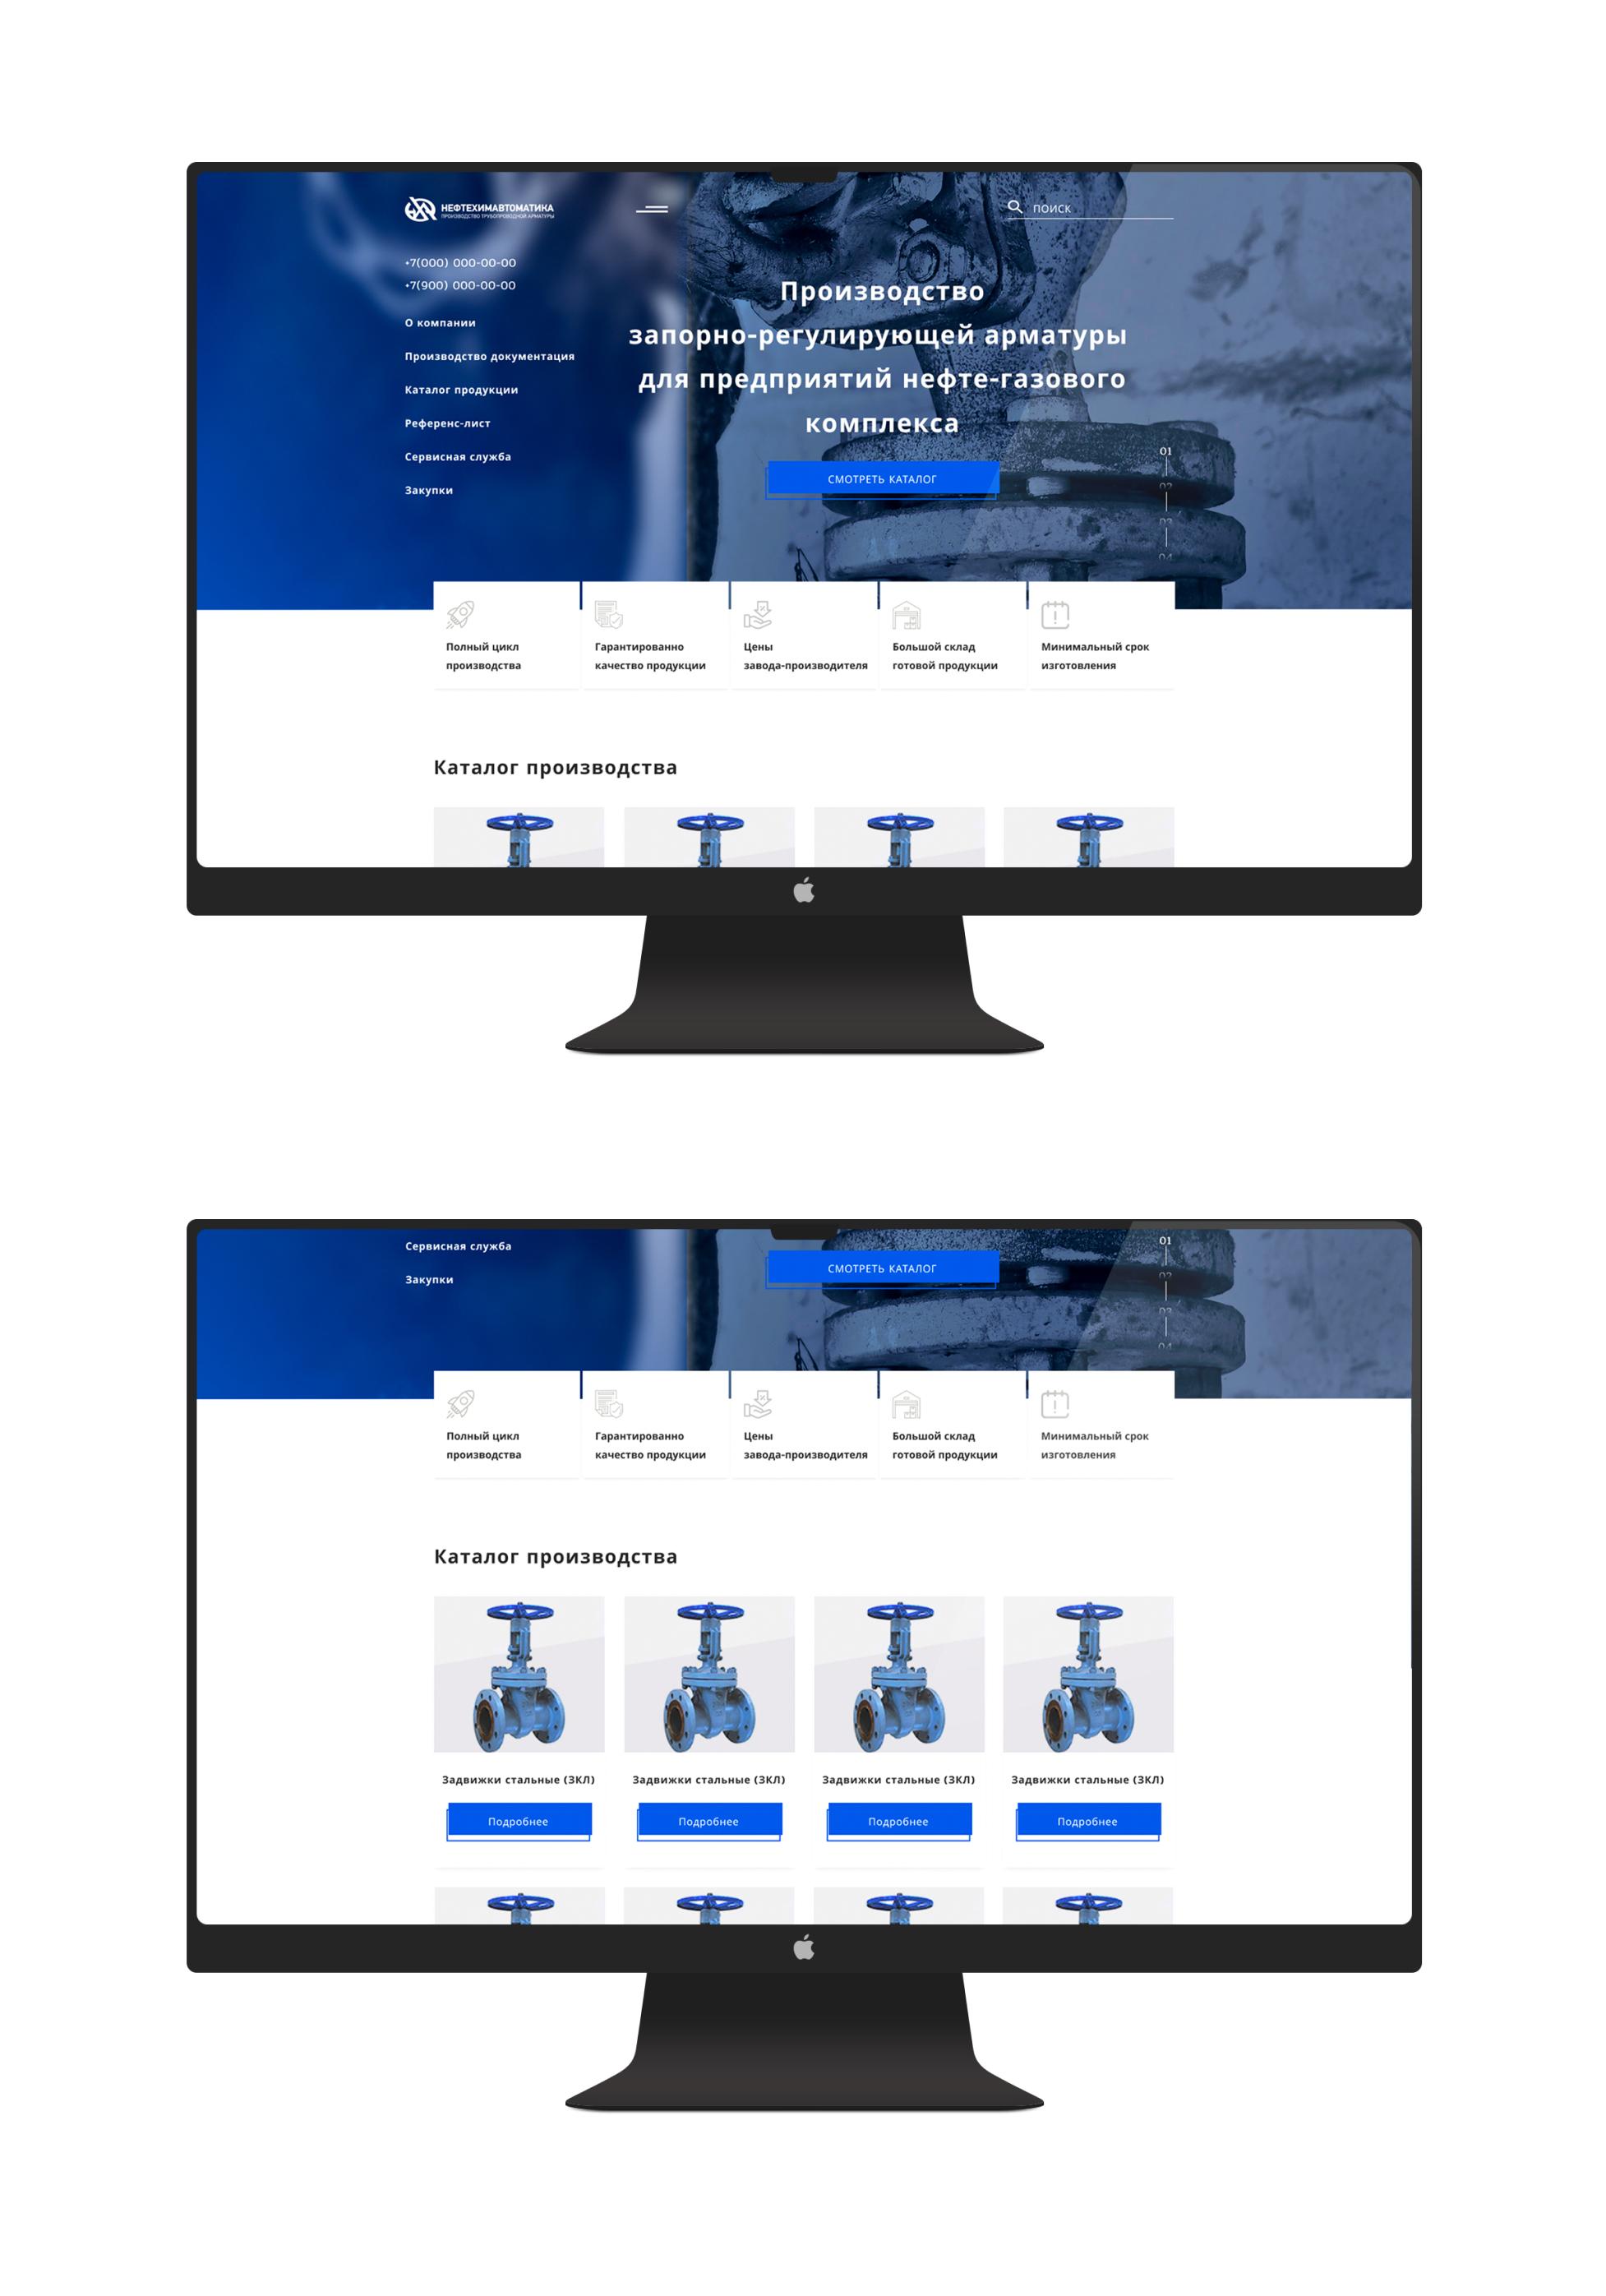 Внимание, конкурс для дизайнеров веб-сайтов! фото f_0795c5b0f6b2a426.jpg